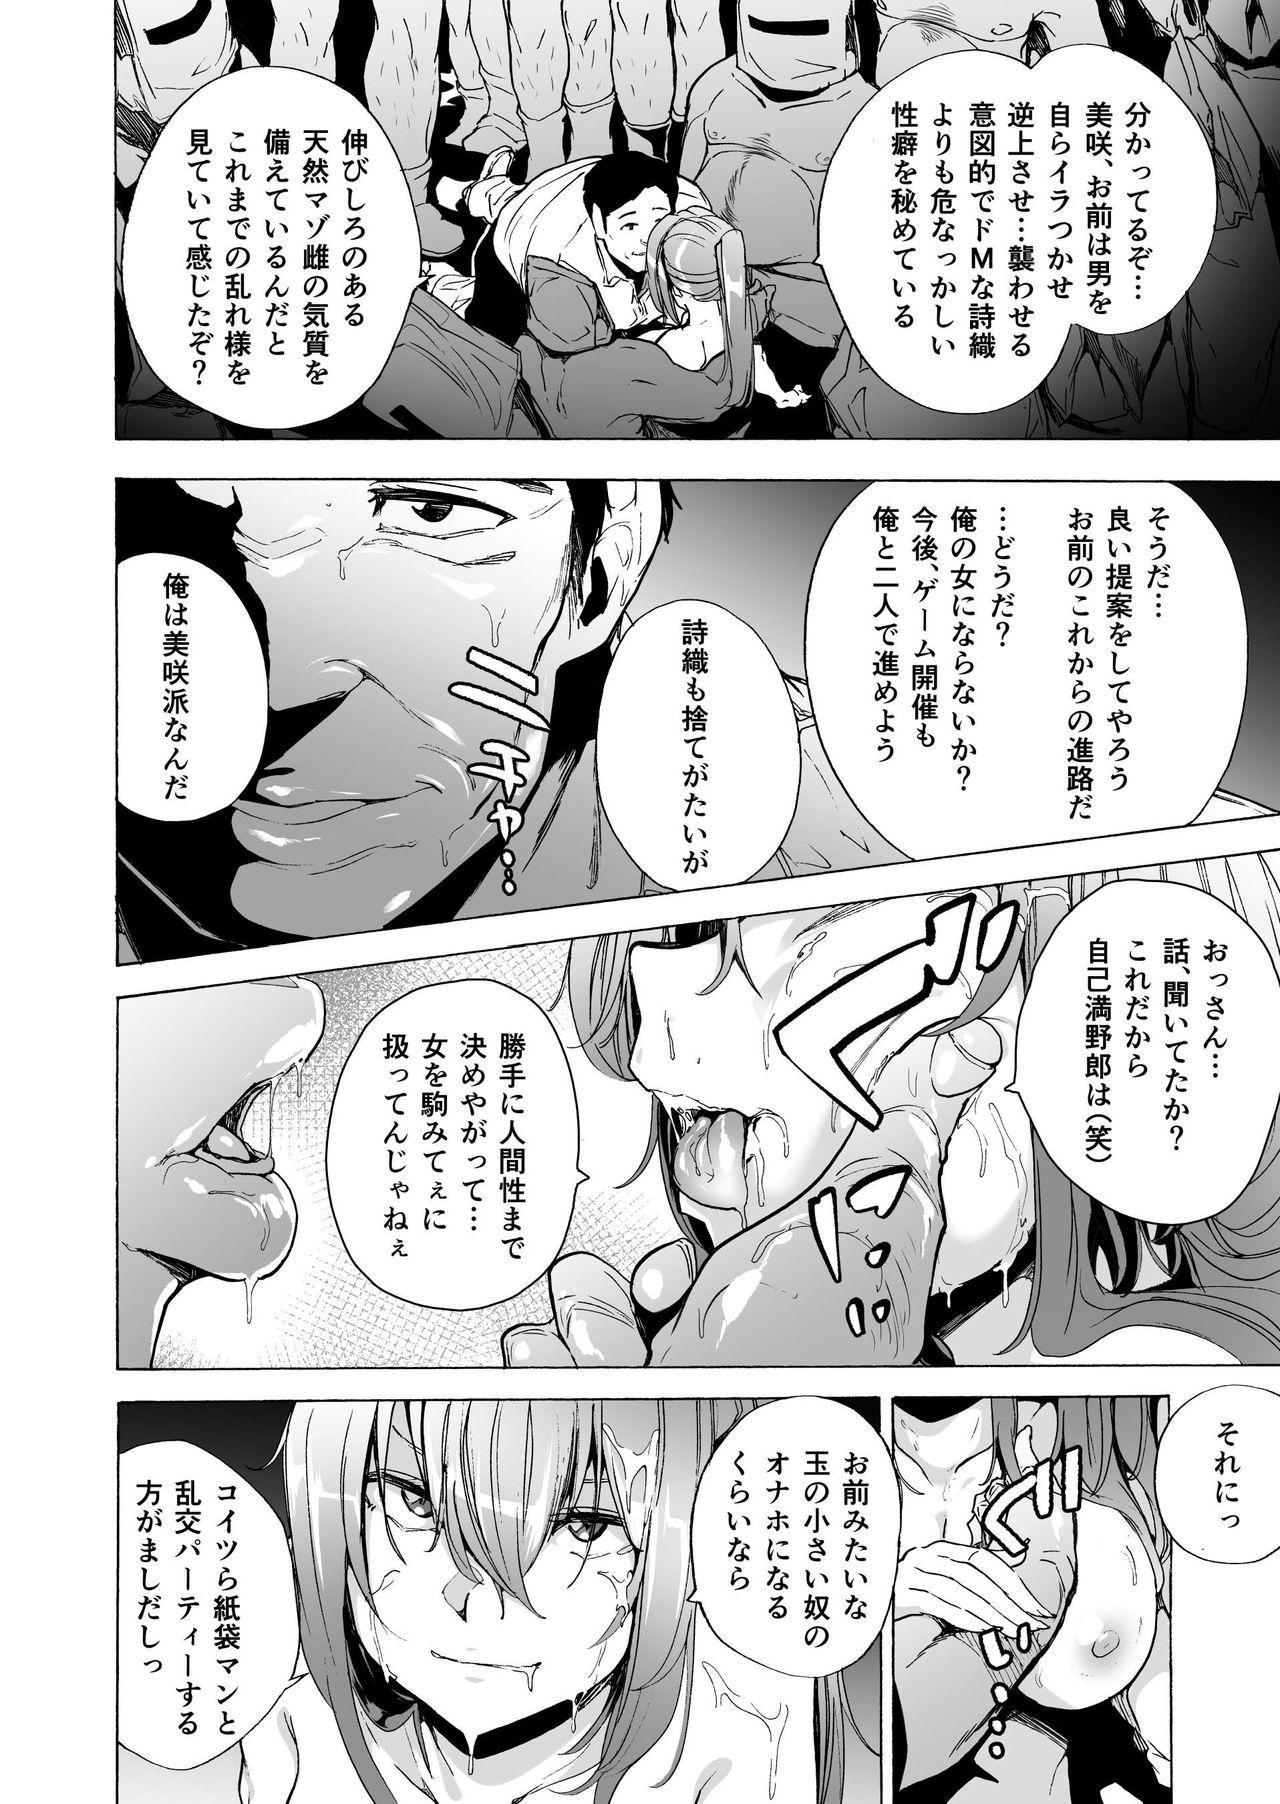 ゲームオブビッチーズ第6話 13